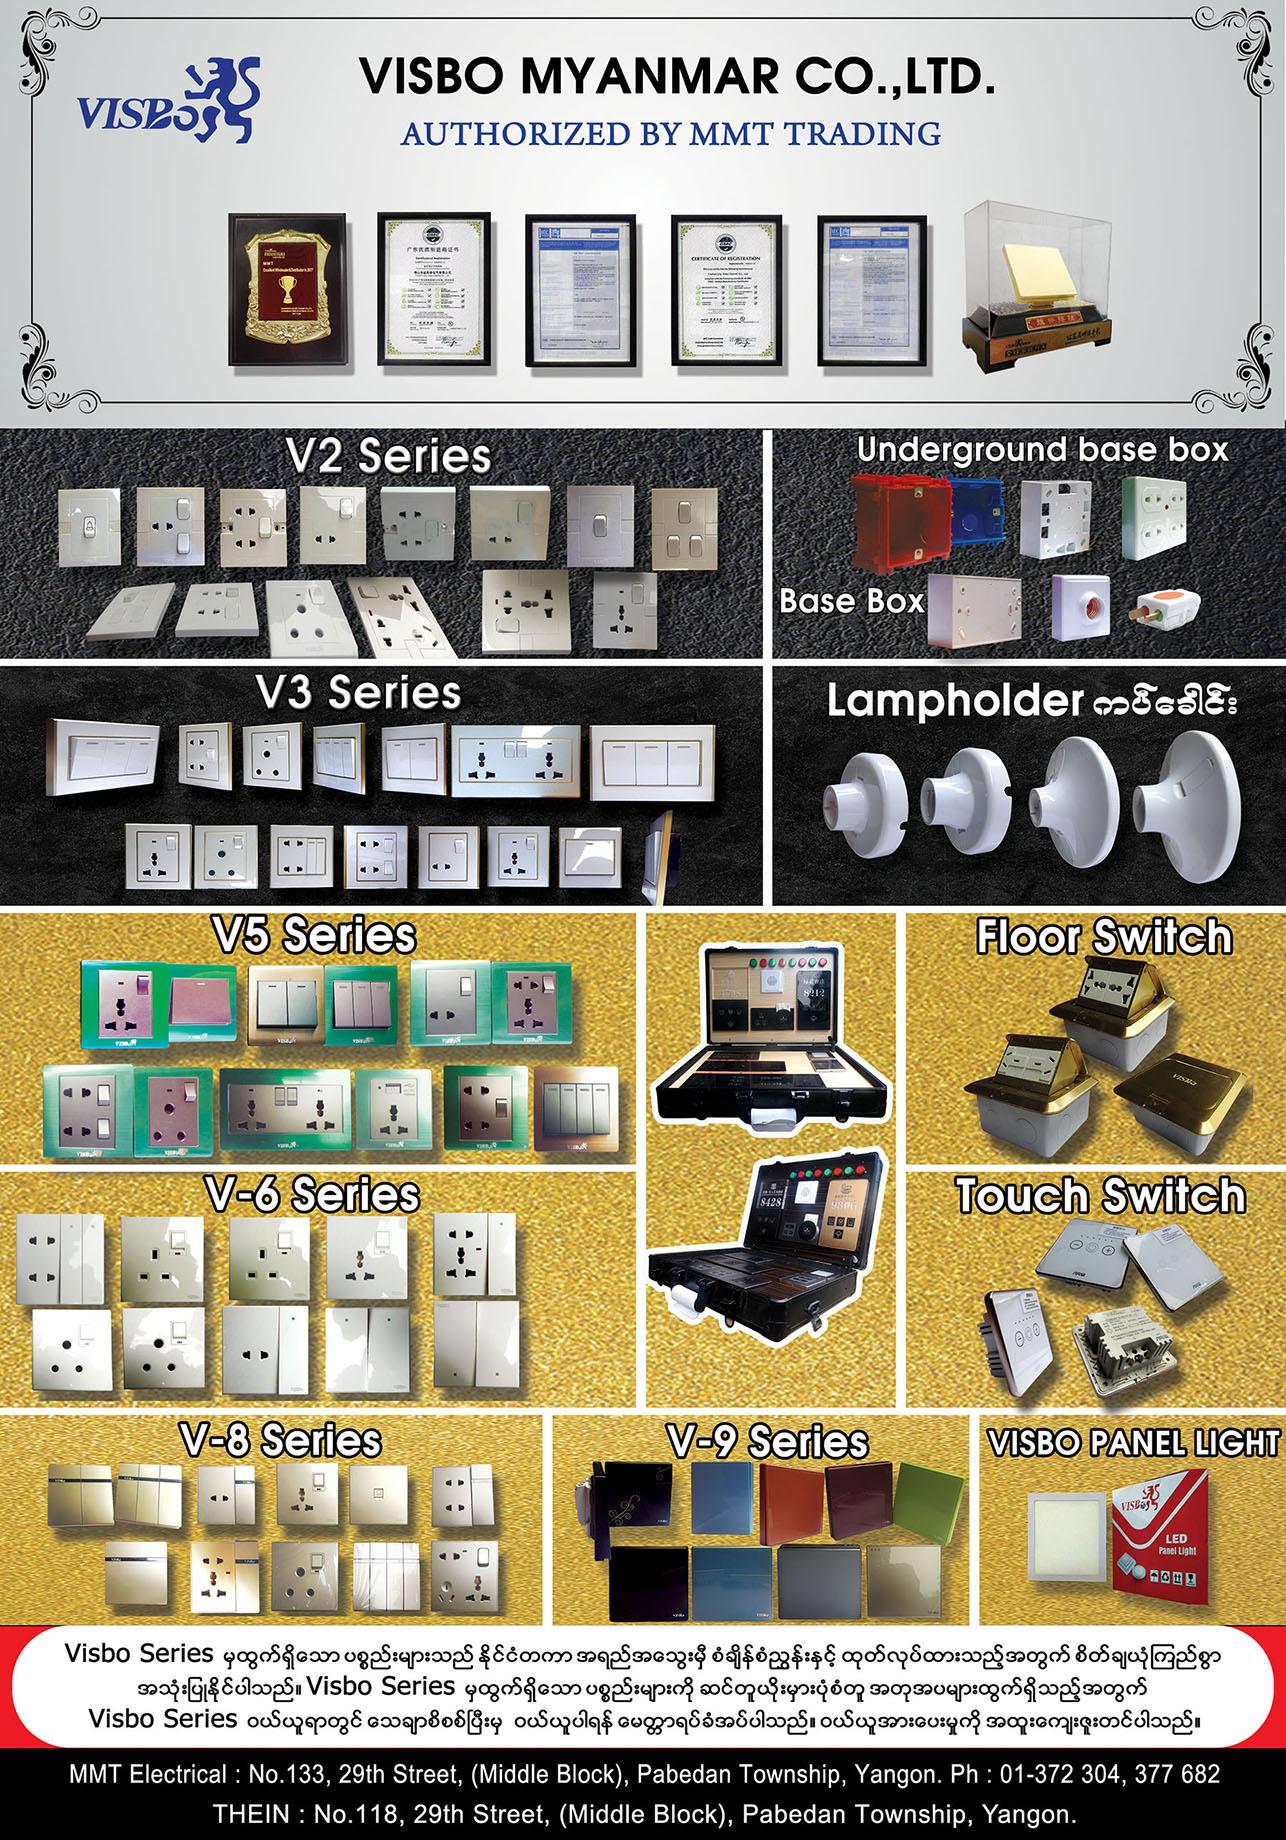 Visbo Myanmar Co., Ltd. (MMT Electrical)